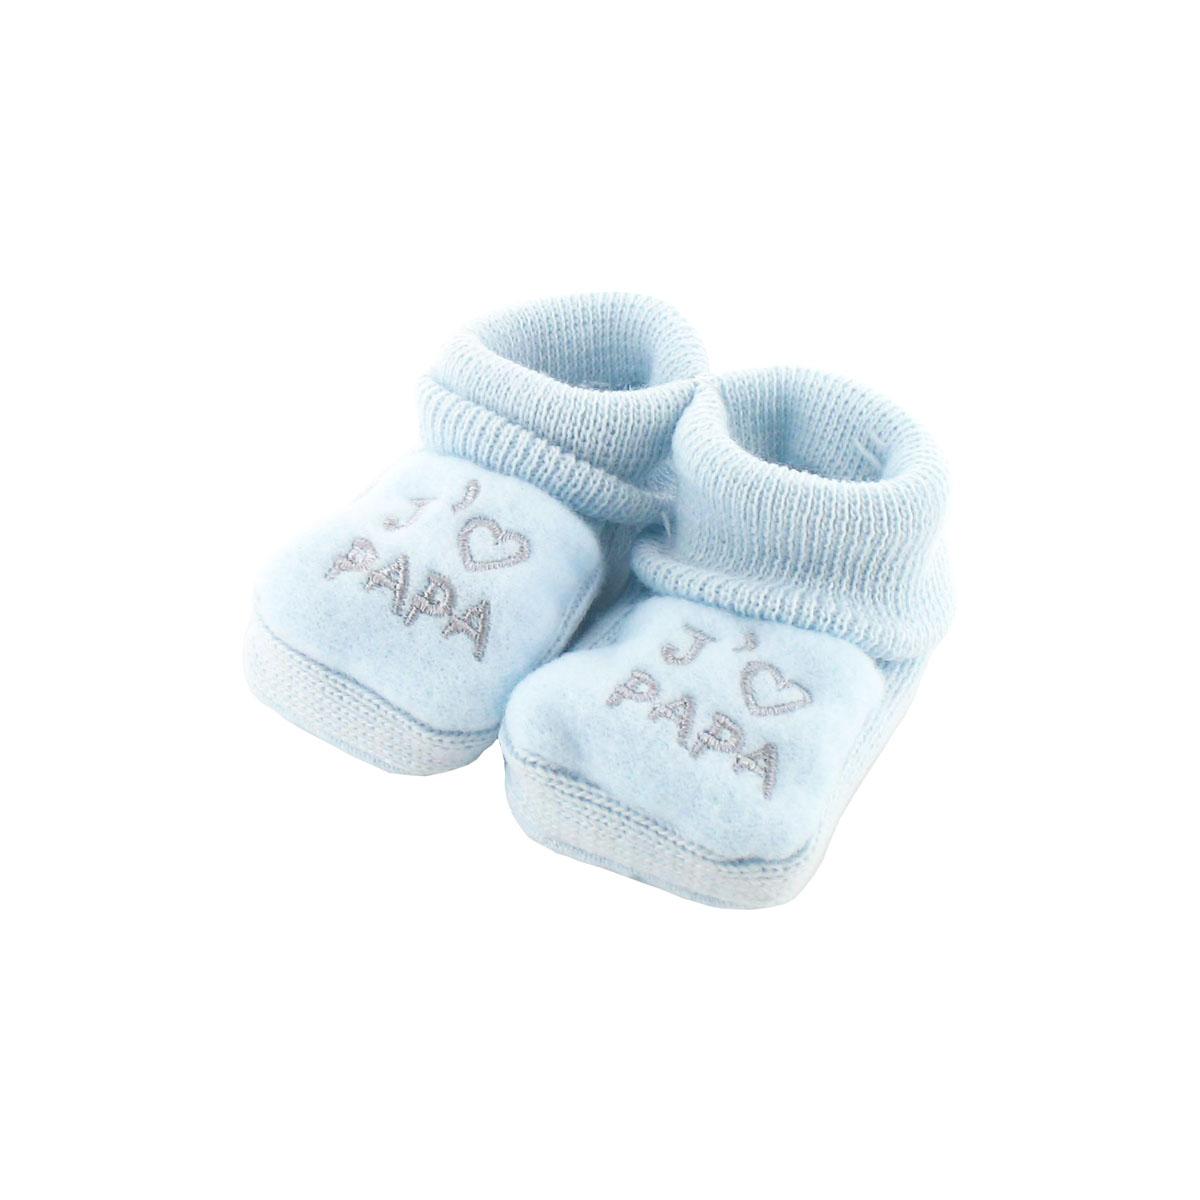 81b9894960416 Chaussons pour bébé 0 à 3 Mois bleu - J aime papa - Les chaussures Chaussons  - tendresse de bébé